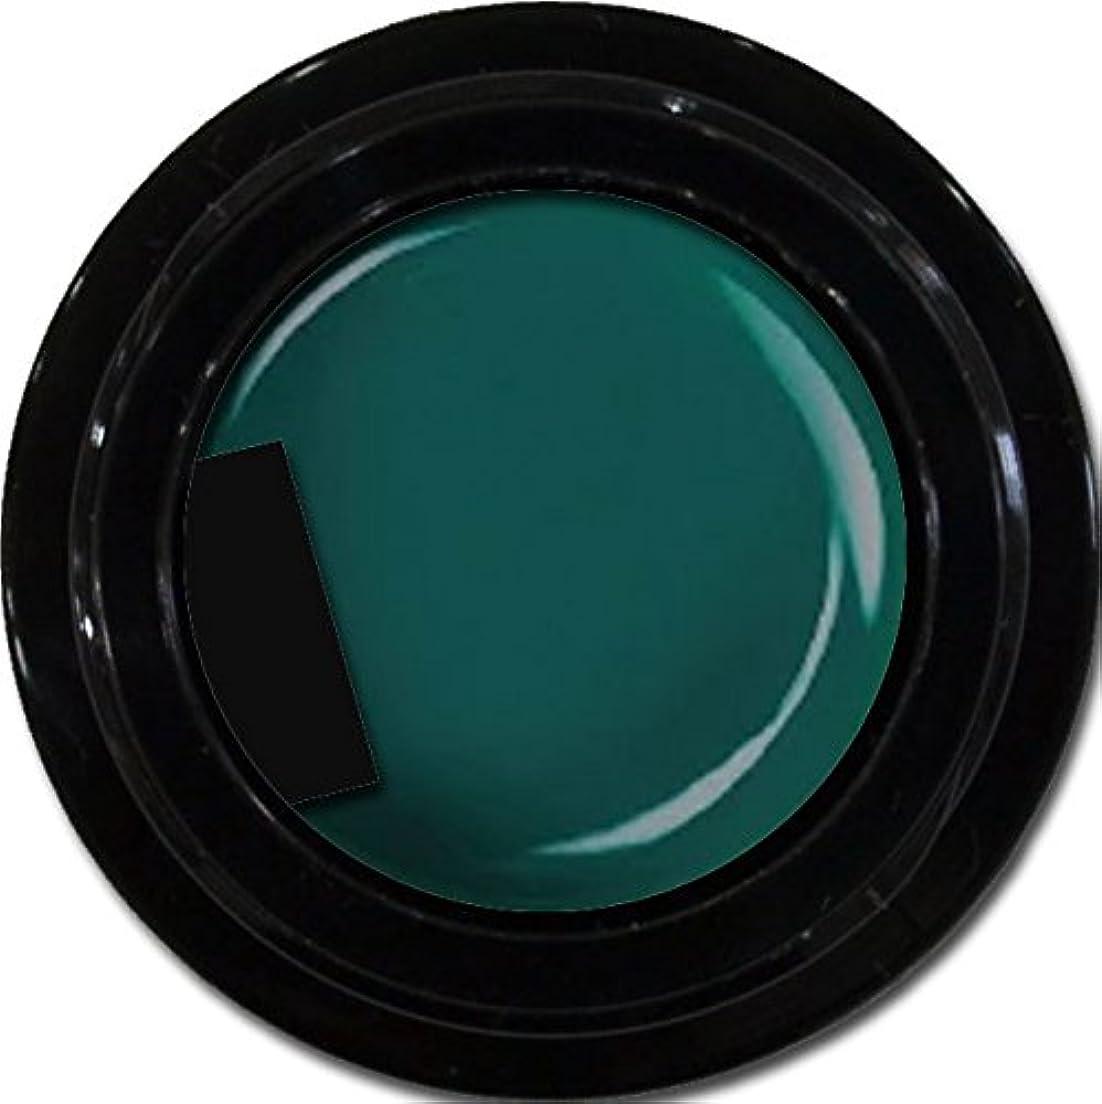 ブーム名目上の実現可能性カラージェル enchant color gel M713 Olive 3g/ マットカラージェル M713 オリーブ 3グラム